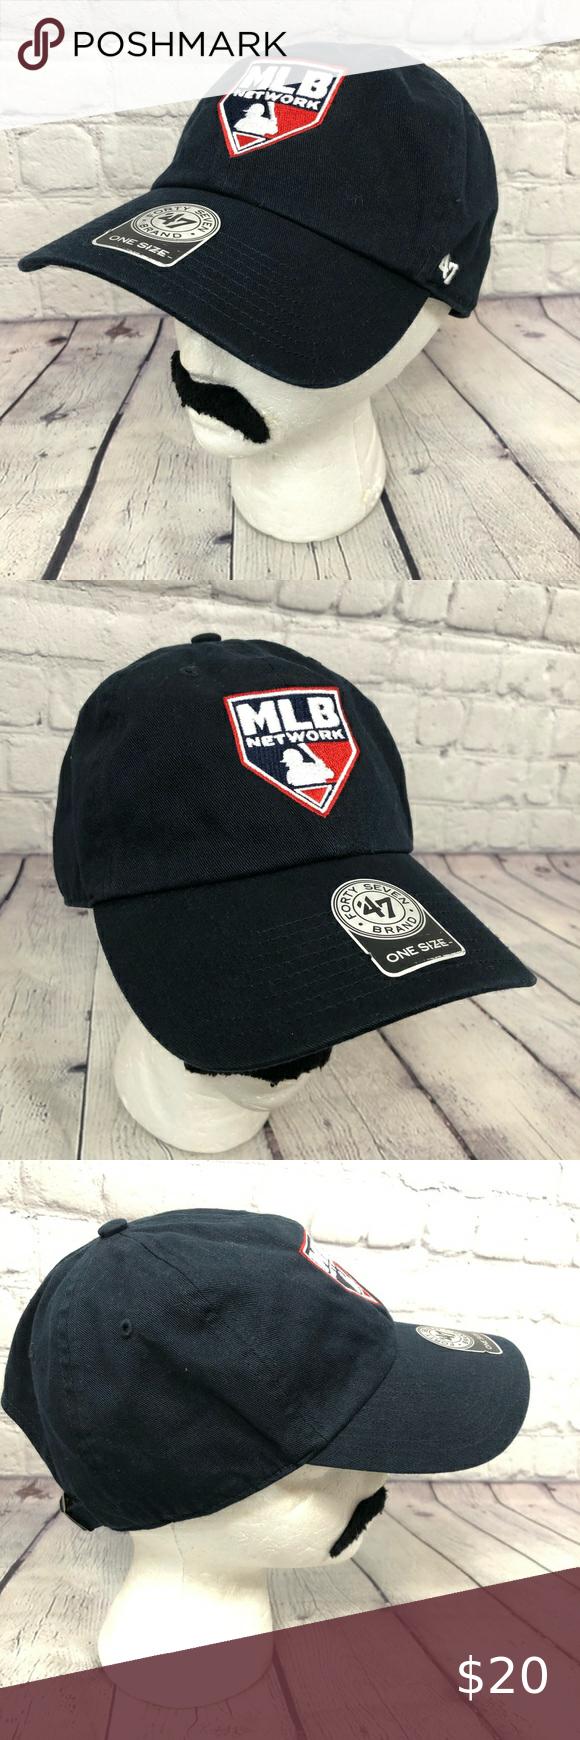 Mlb Network Navy Blue Red White Baseball Hat Baseball Hats Blue Hat 47 Brand